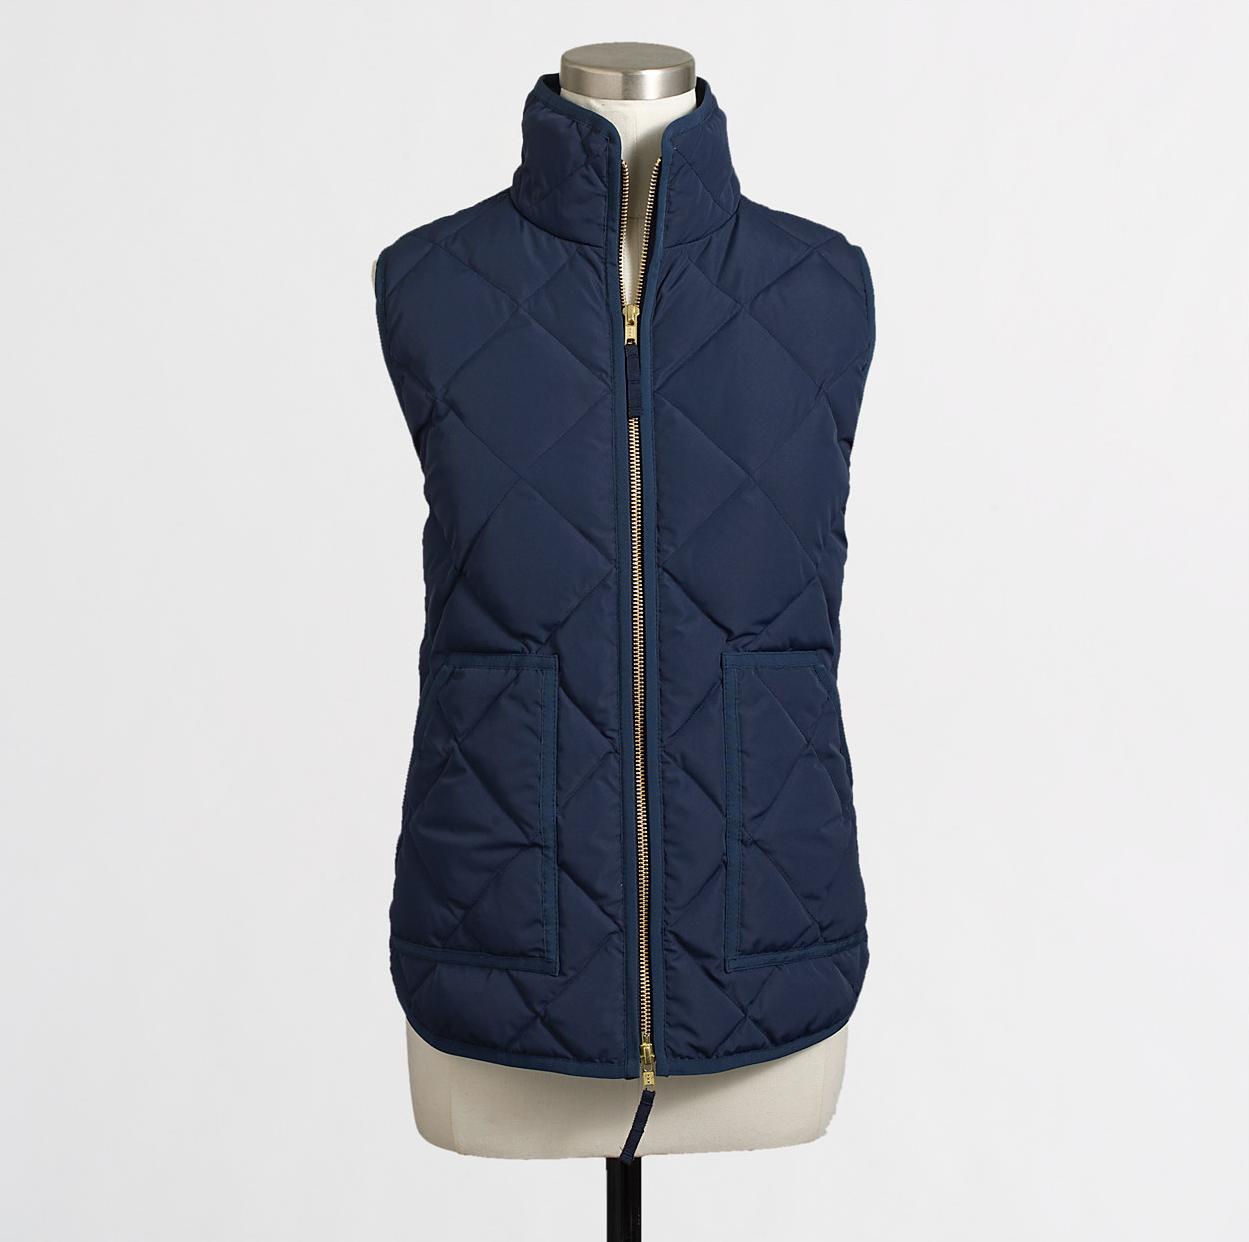 J Crew Aficionada Quilted Puffer Vest Retail Versus